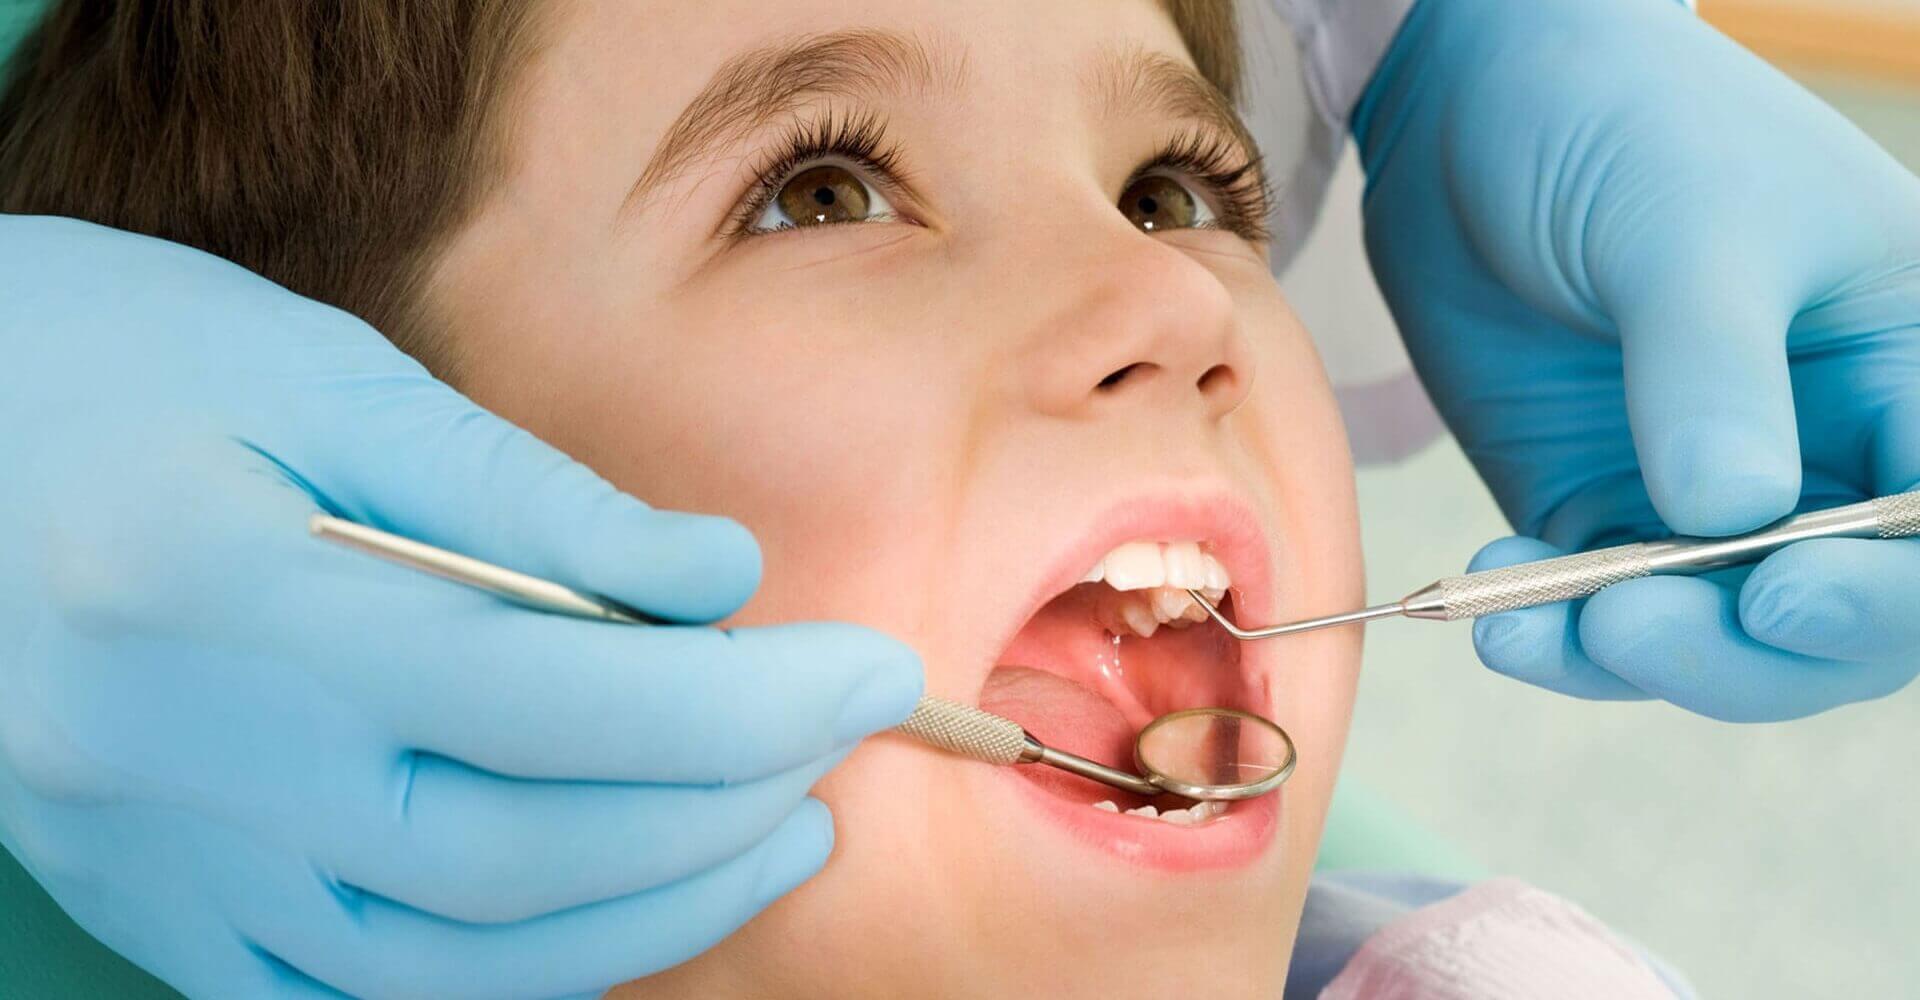 Odontologija, dantų priežiūra - Miesto Medicinos Centras